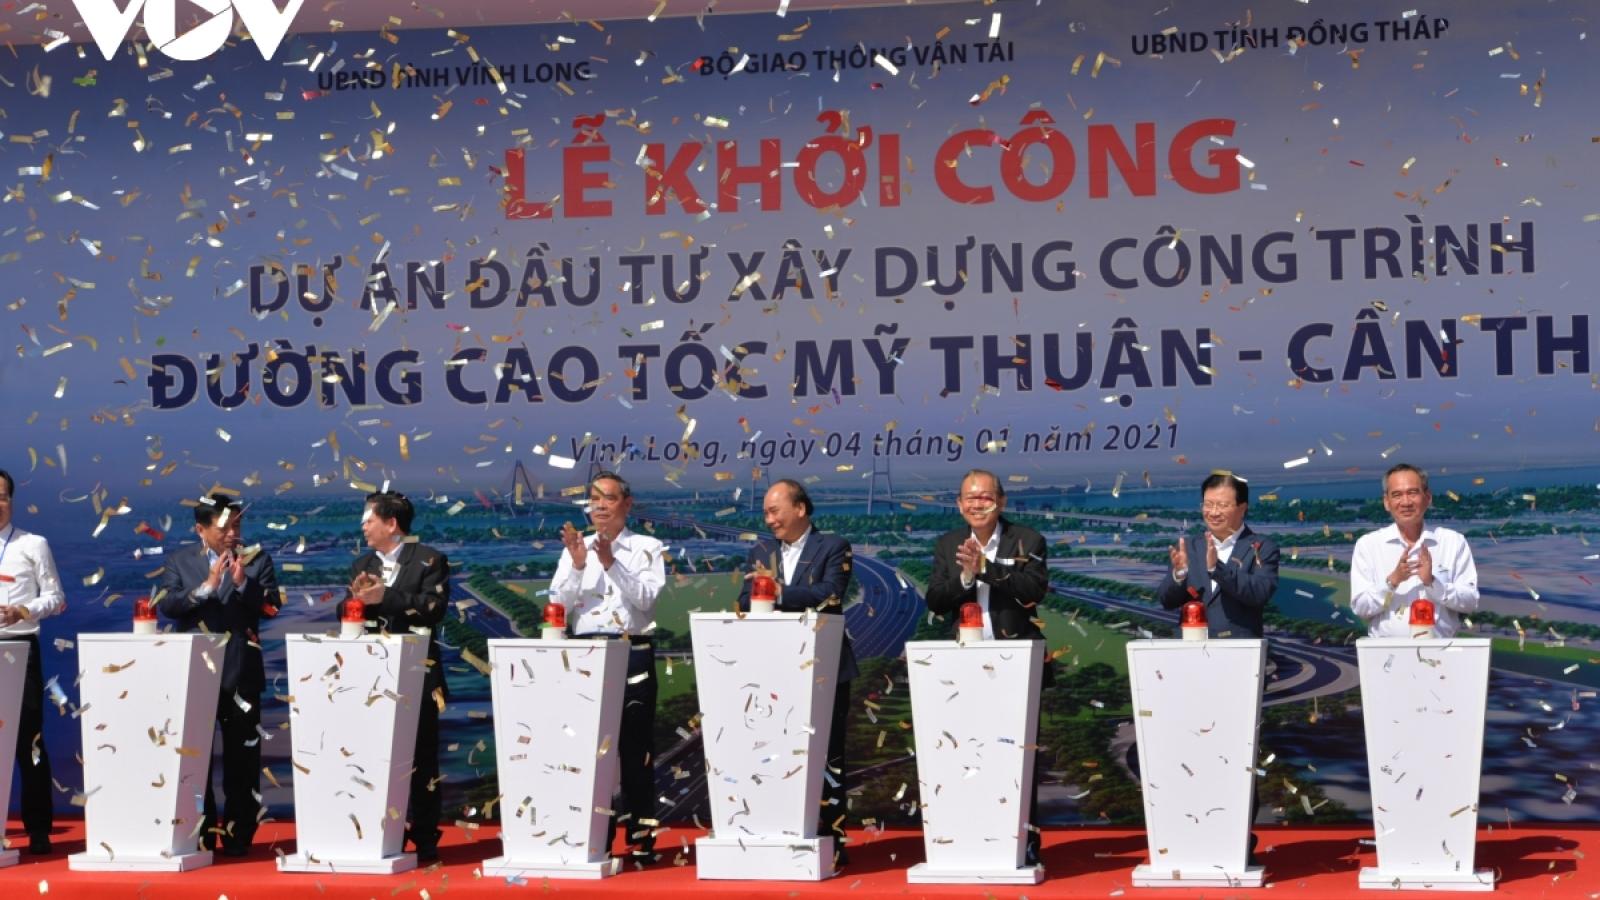 Khởi công, thông tuyến cao tốc: Thủ tướng thực hiện lời hứa với 20 triệu dân ĐBSCL